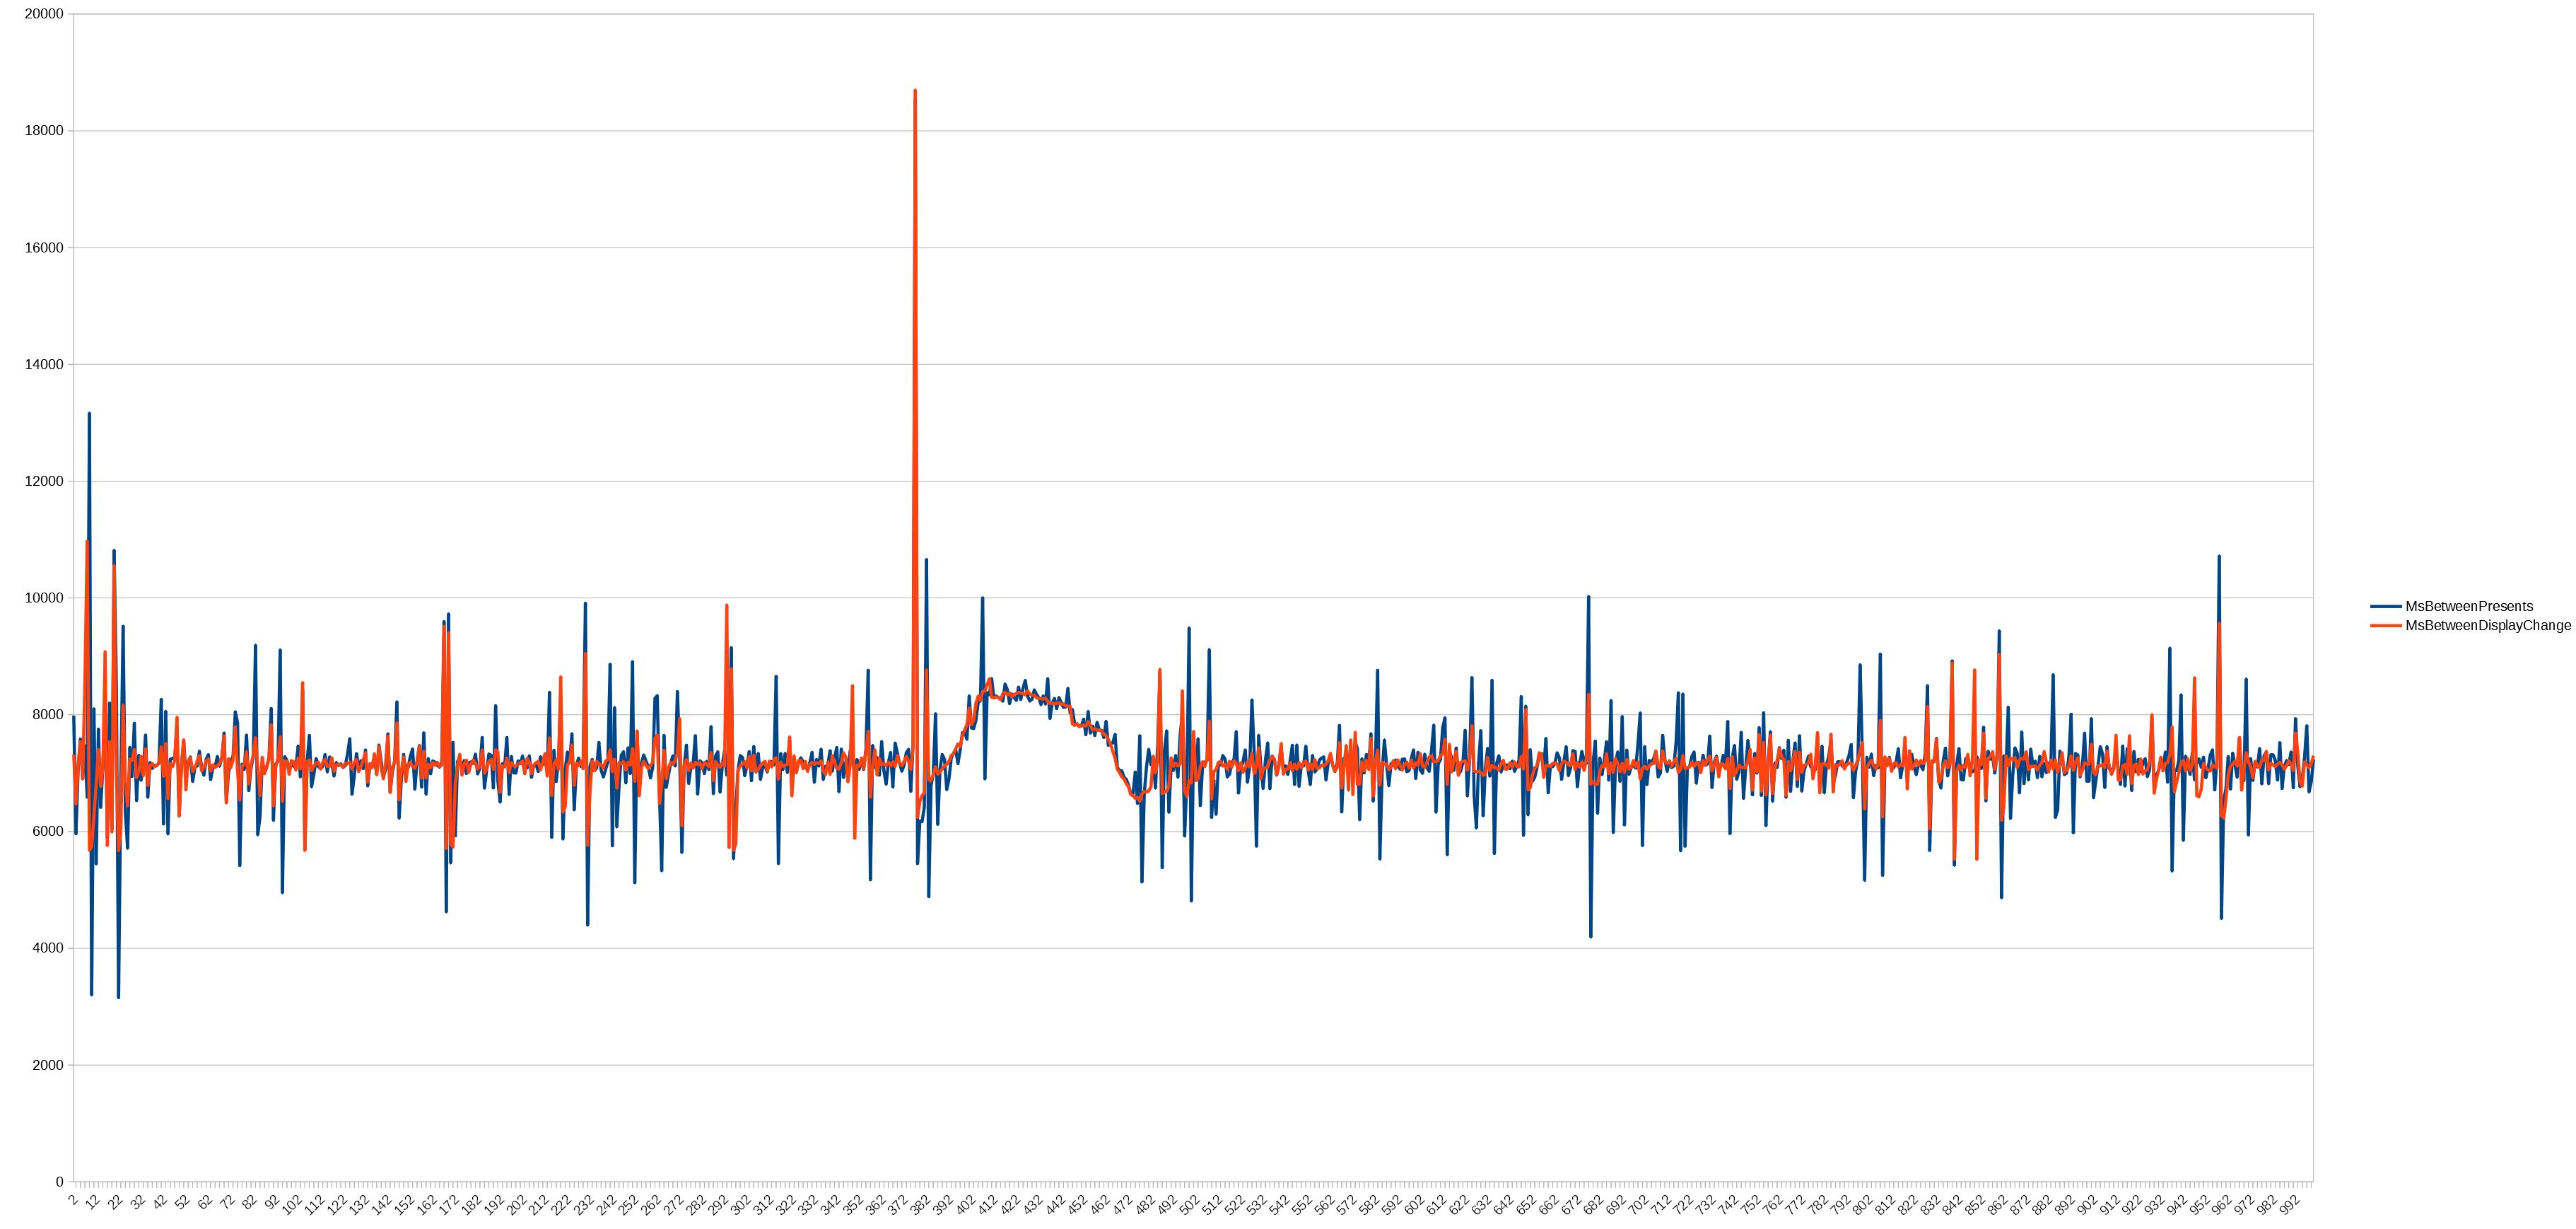 Klicken Sie auf die Grafik für eine größere Ansicht  Name:gsync.PNG Hits:17 Größe:398,6 KB ID:1028090